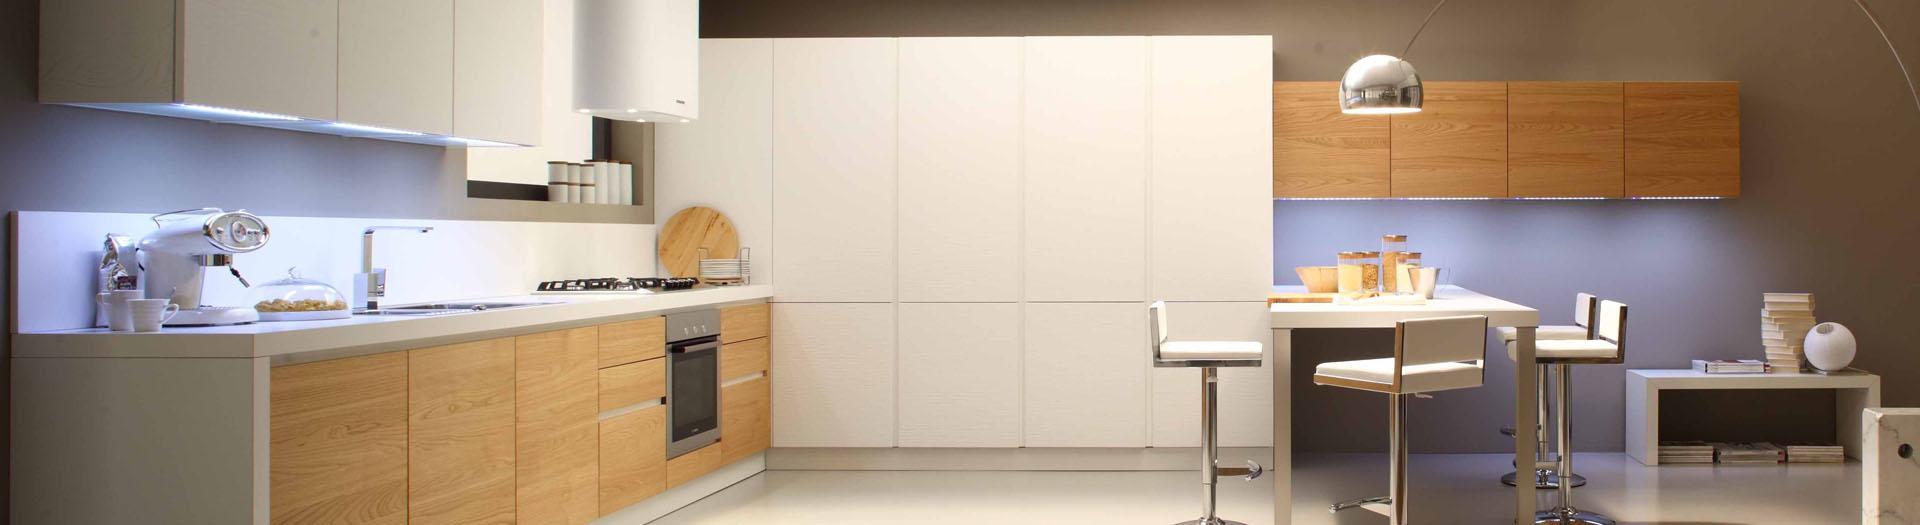 slide-cucina-arrex-2